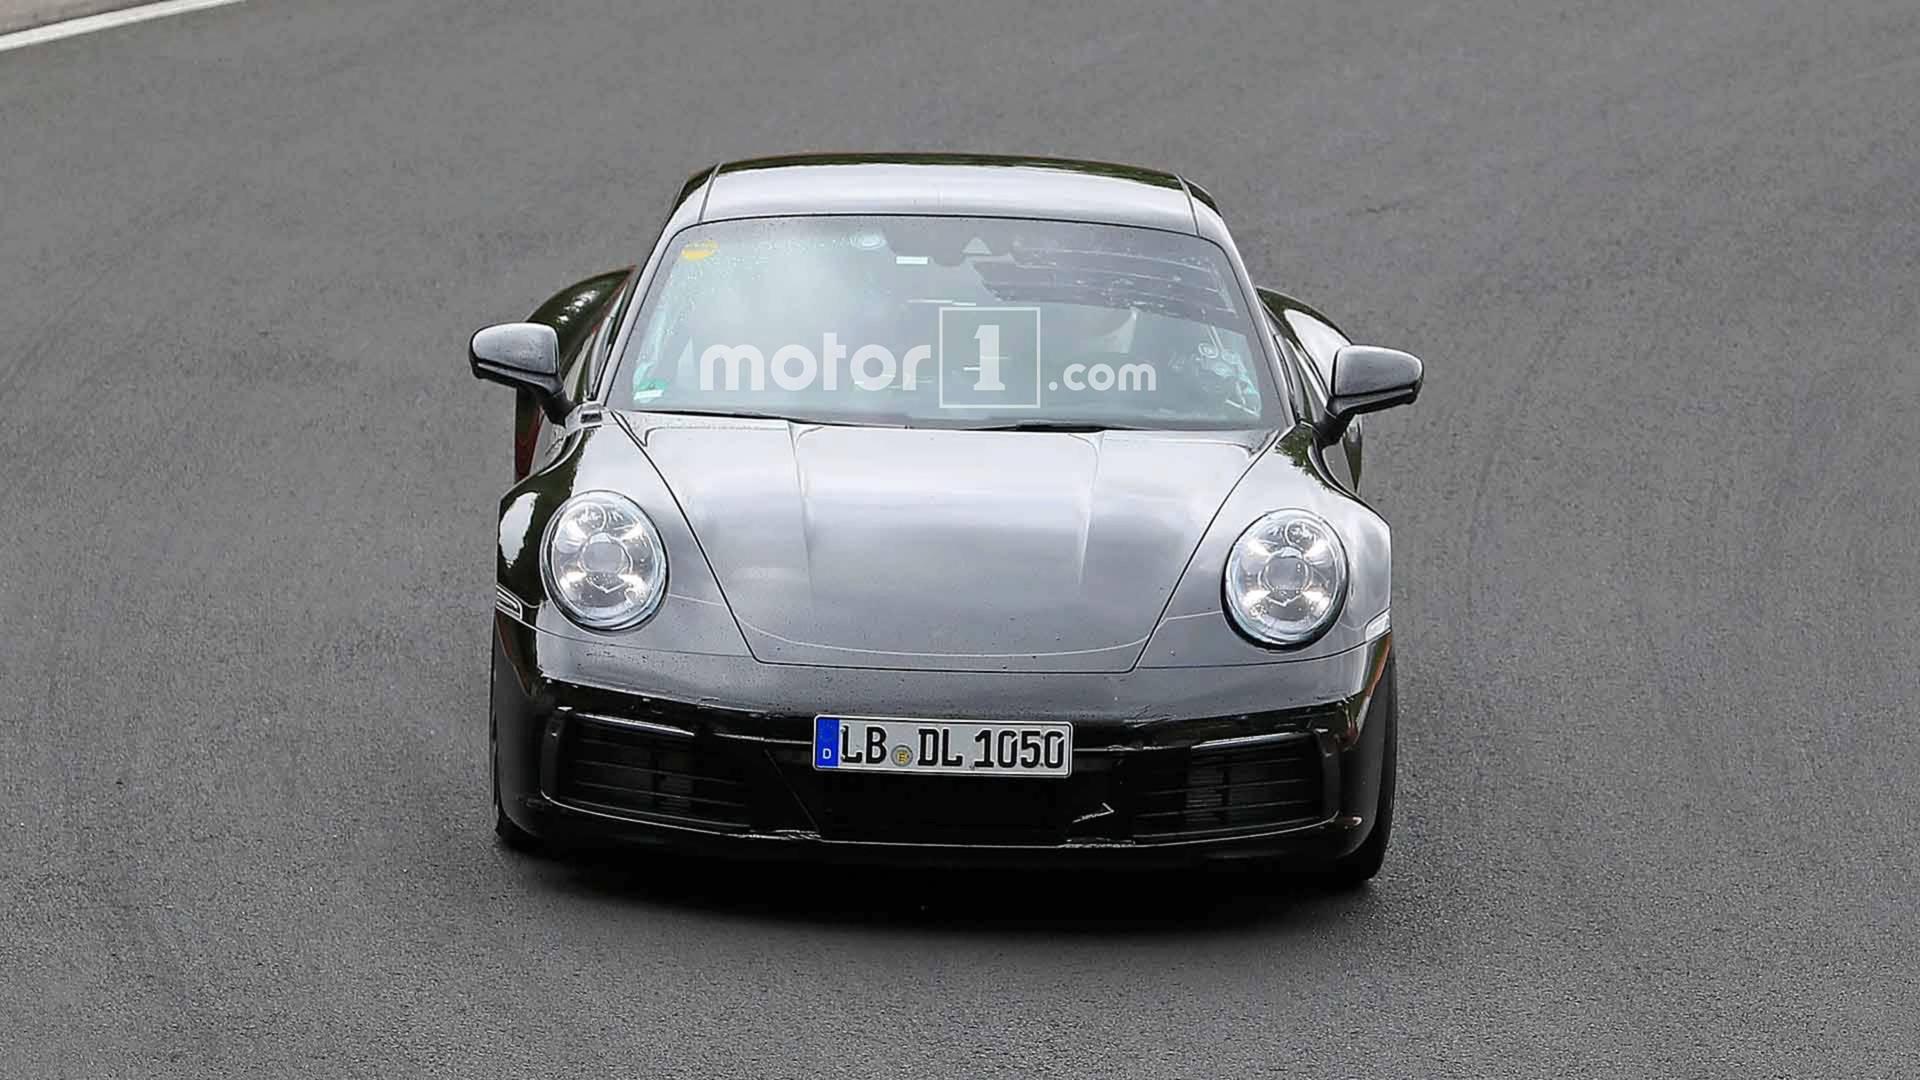 2018 - [Porsche] 911 - Page 6 Next-gen-porsche-911-nurburgring